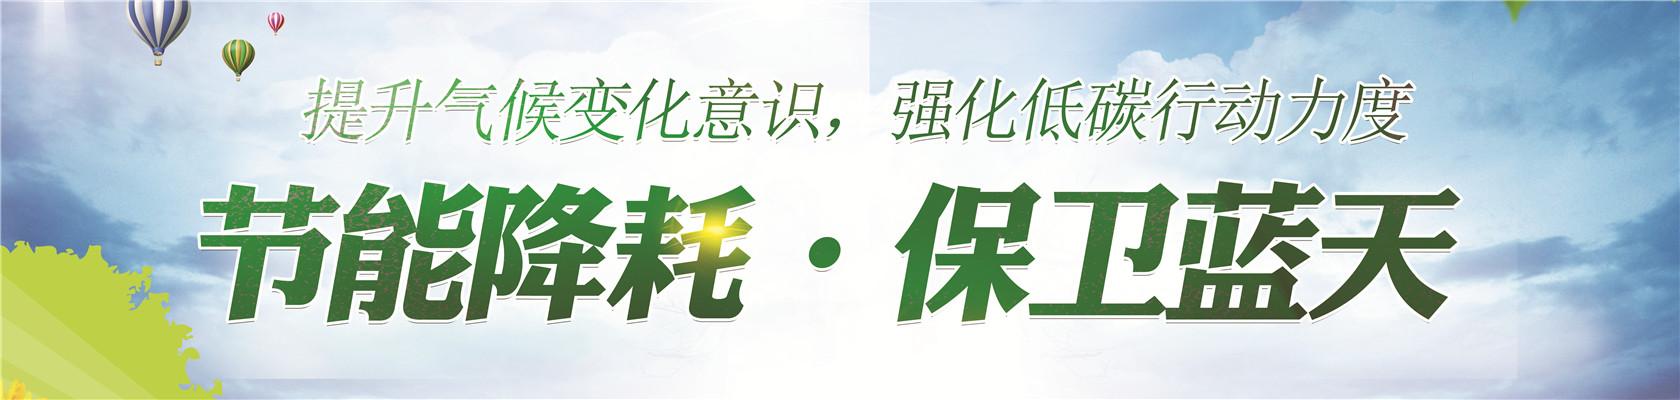 中普水漆banner3